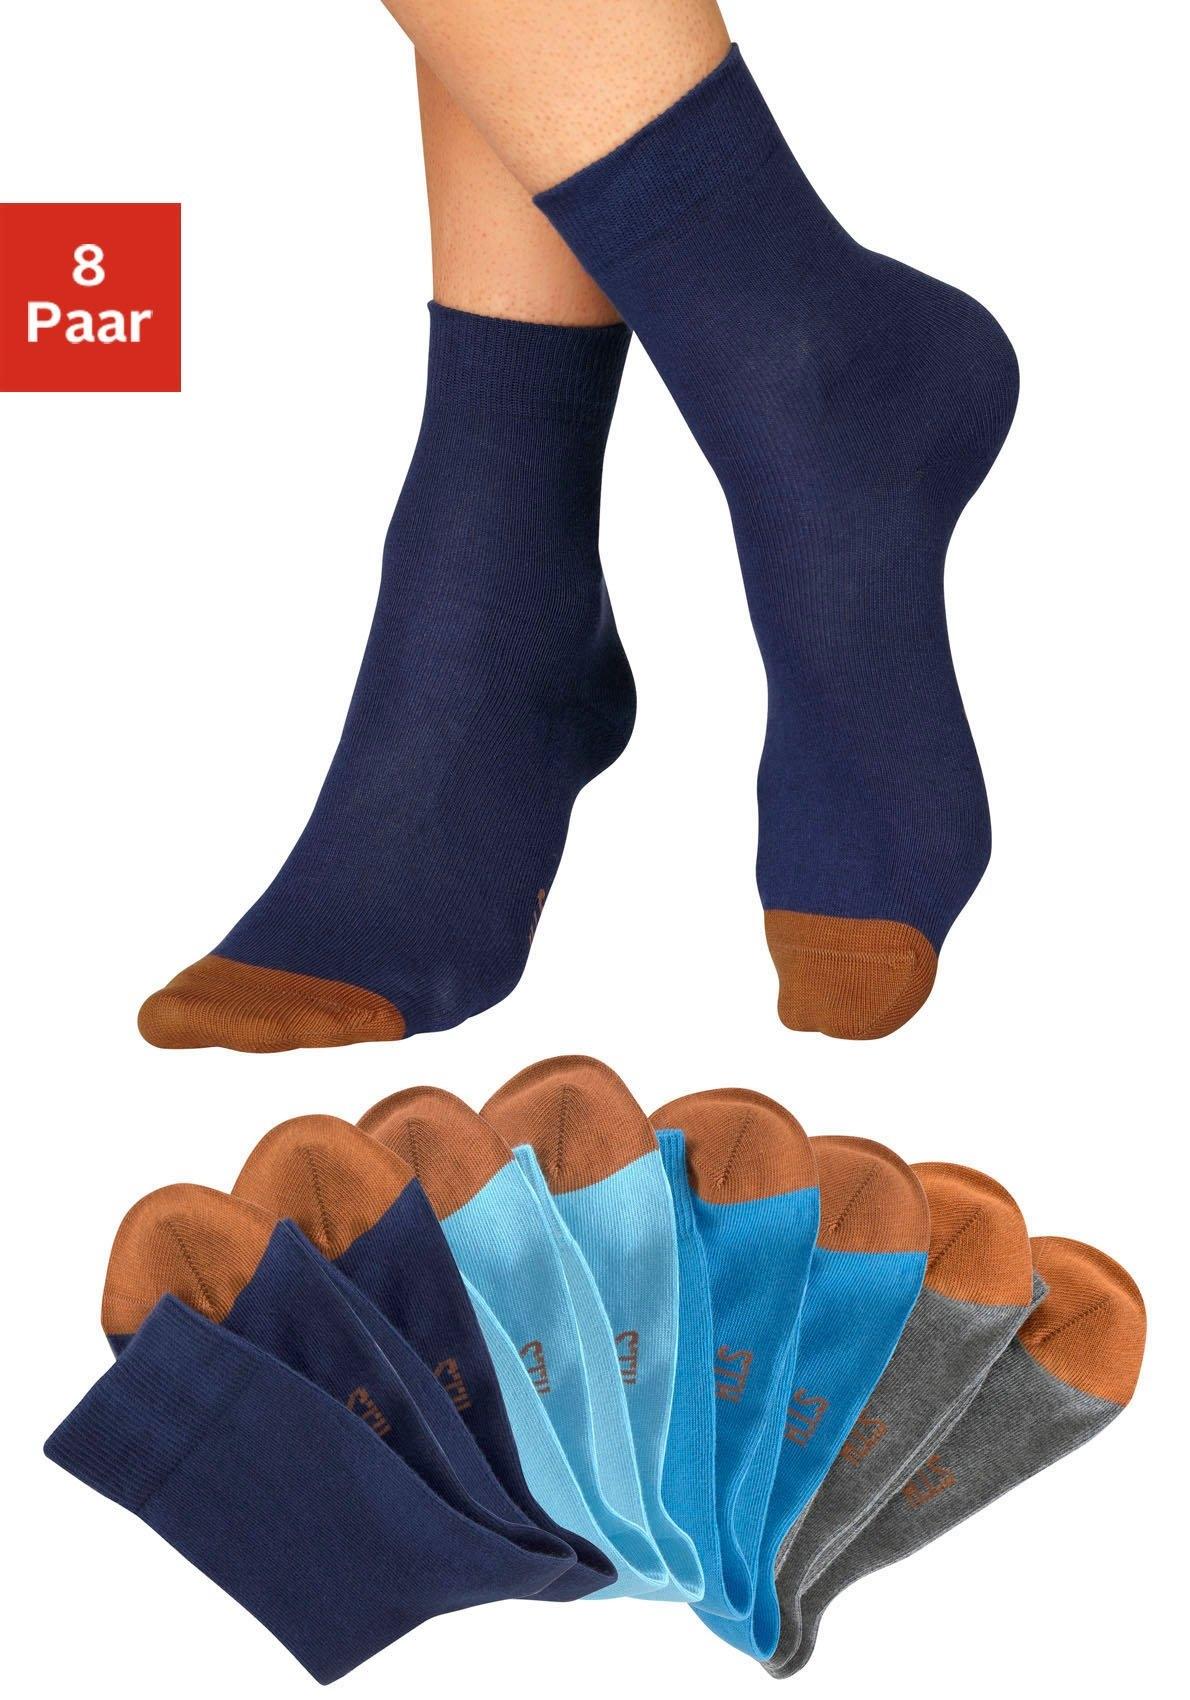 H.I.S sokken (8 paar) veilig op lascana.nl kopen